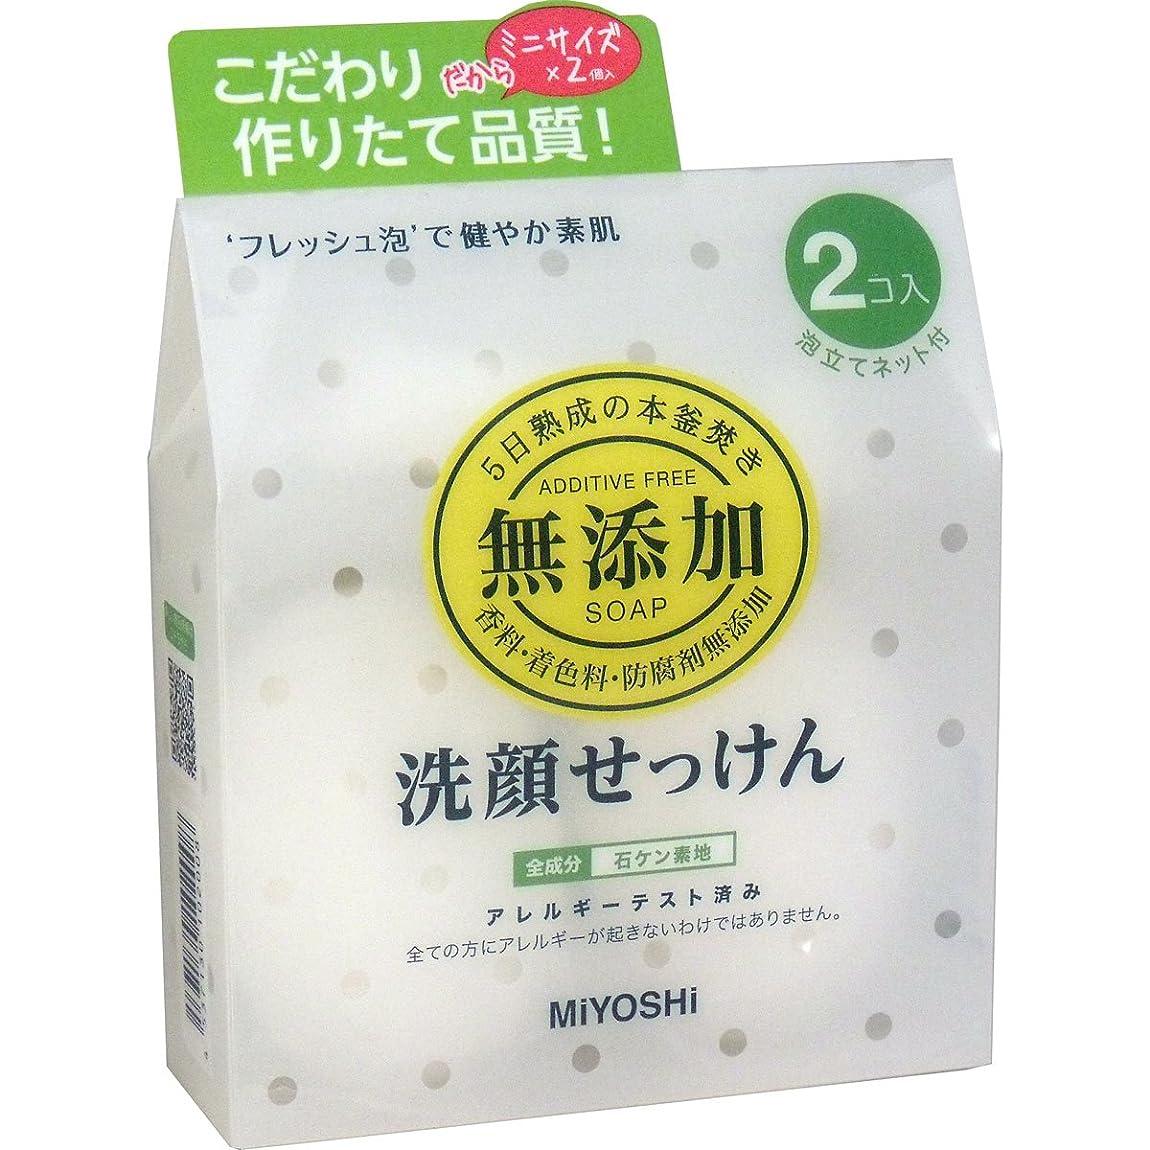 あいまい実際の知覚的【ミヨシ石鹸】無添加 洗顔せっけん 40g×2コ入 ×20個セット